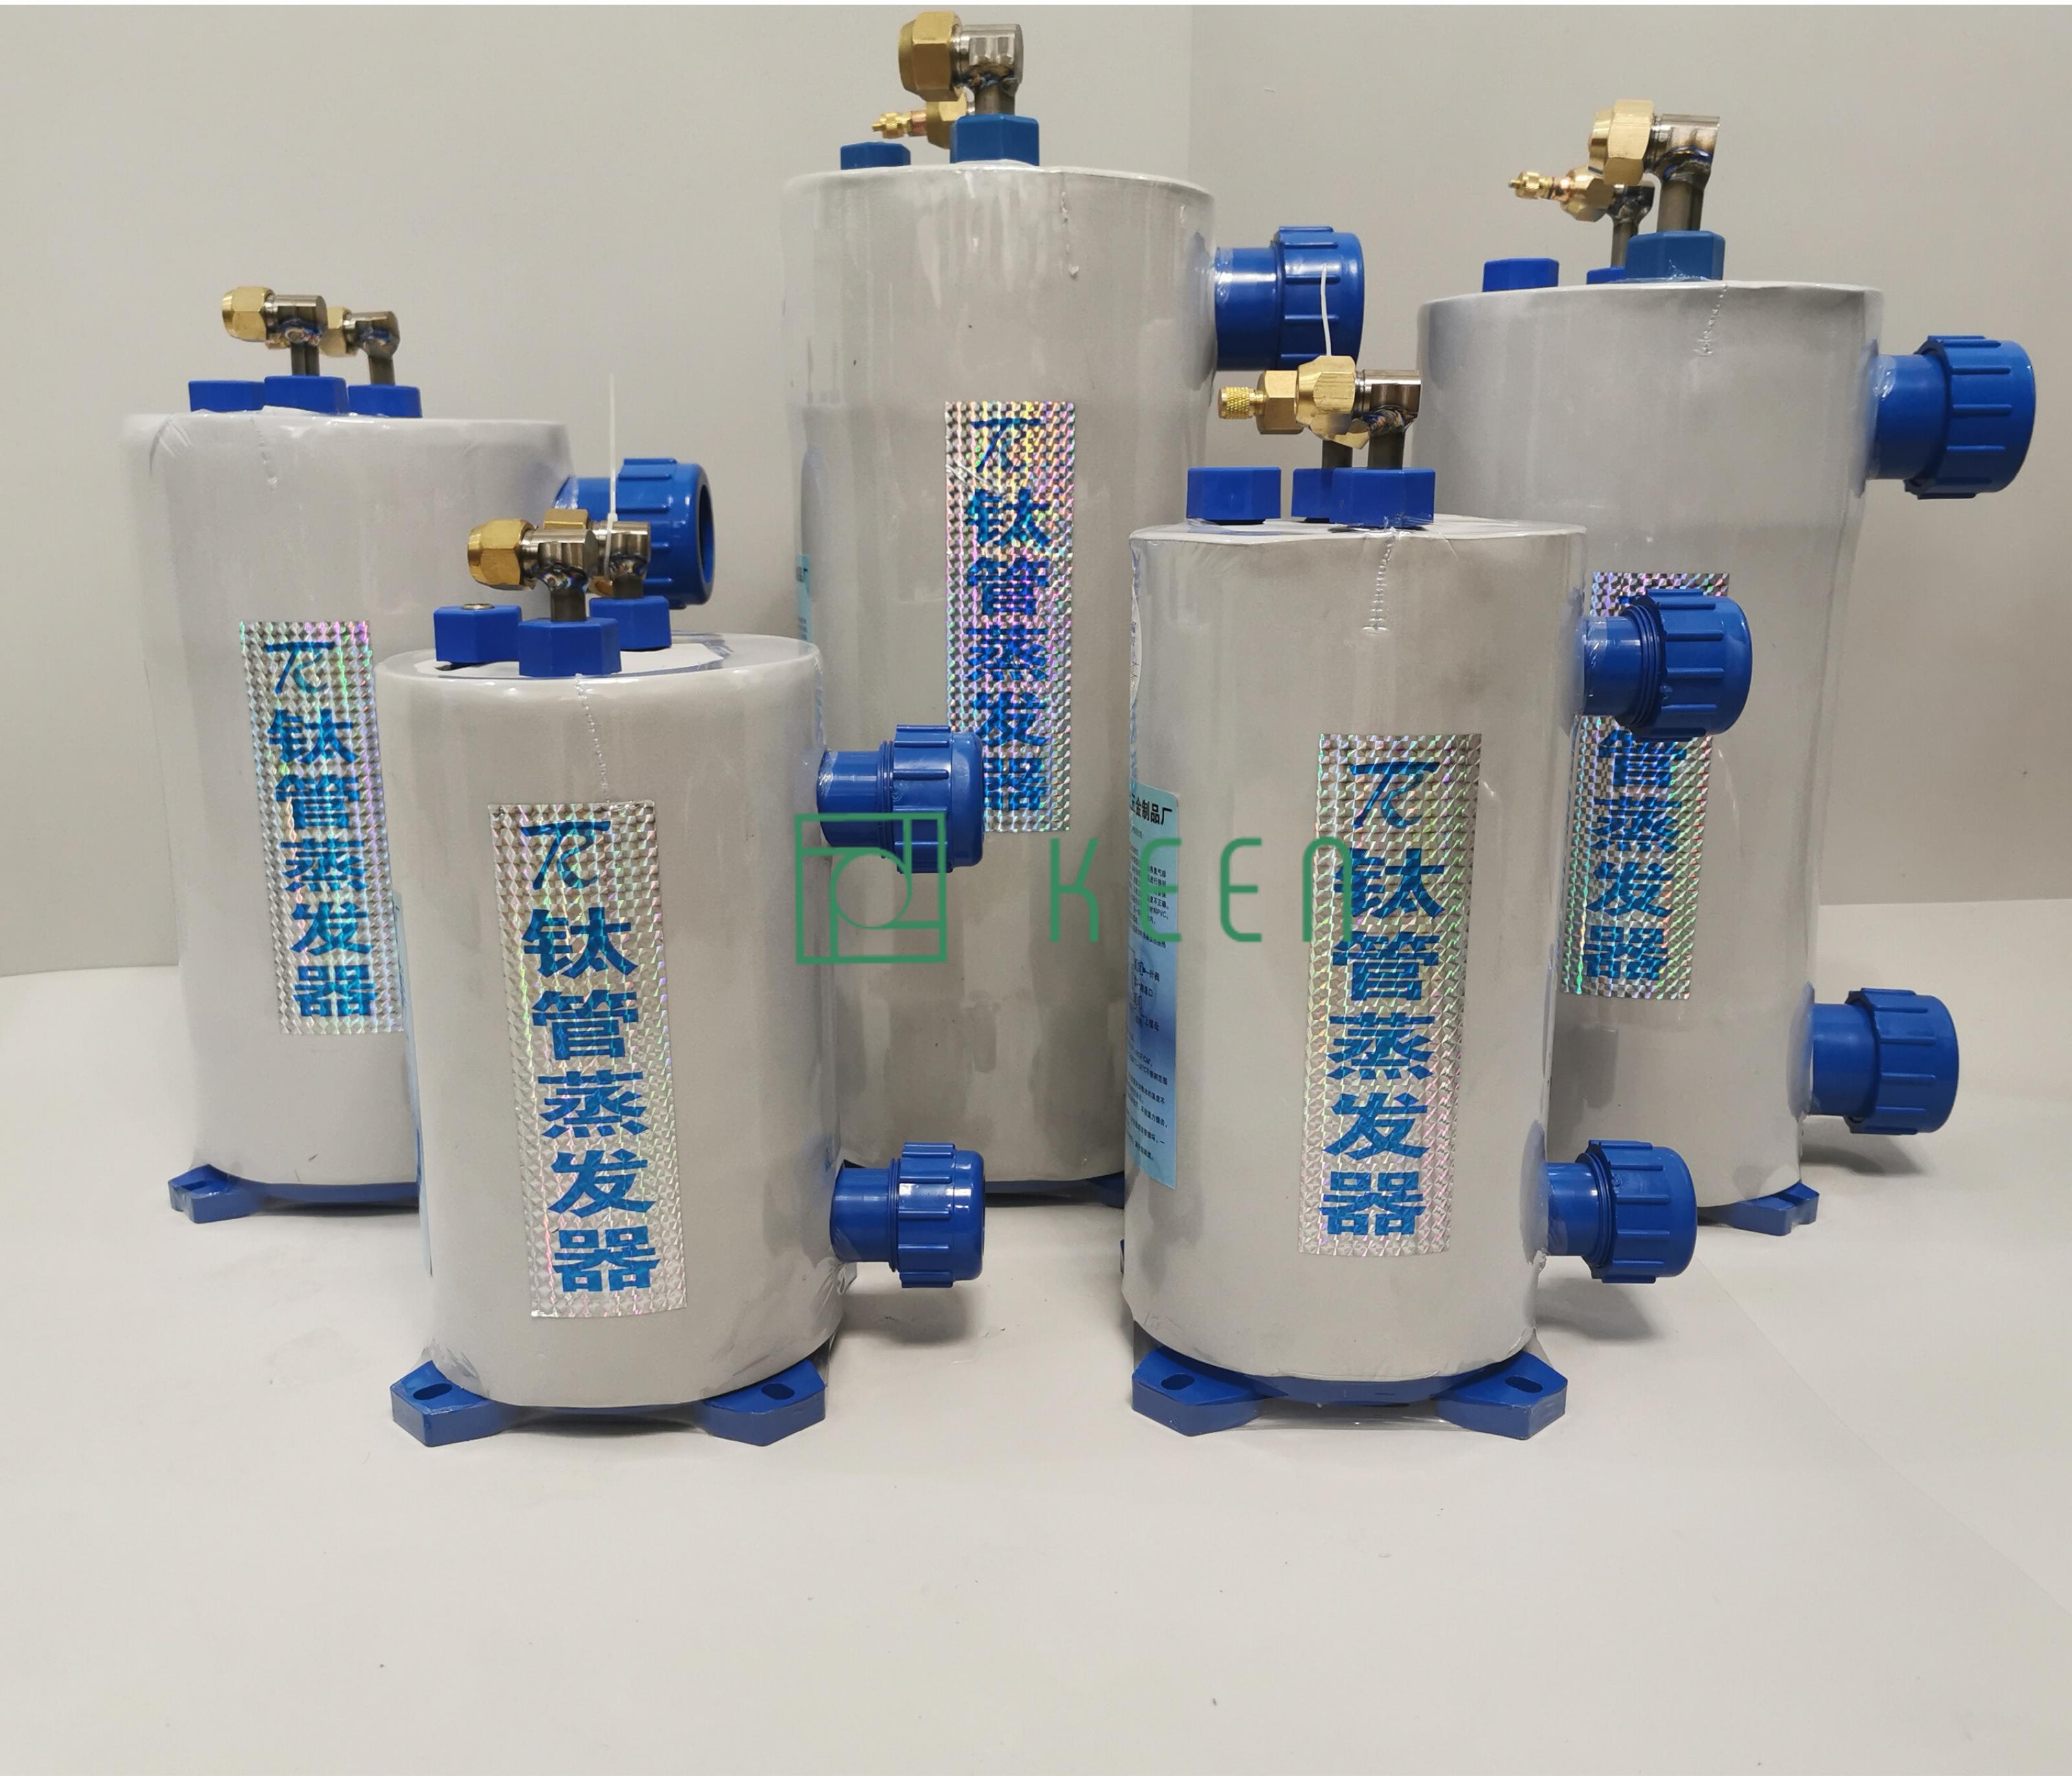 Bầu lạnh Titan 3HP thiết bị làm lạnh nước hồ cá